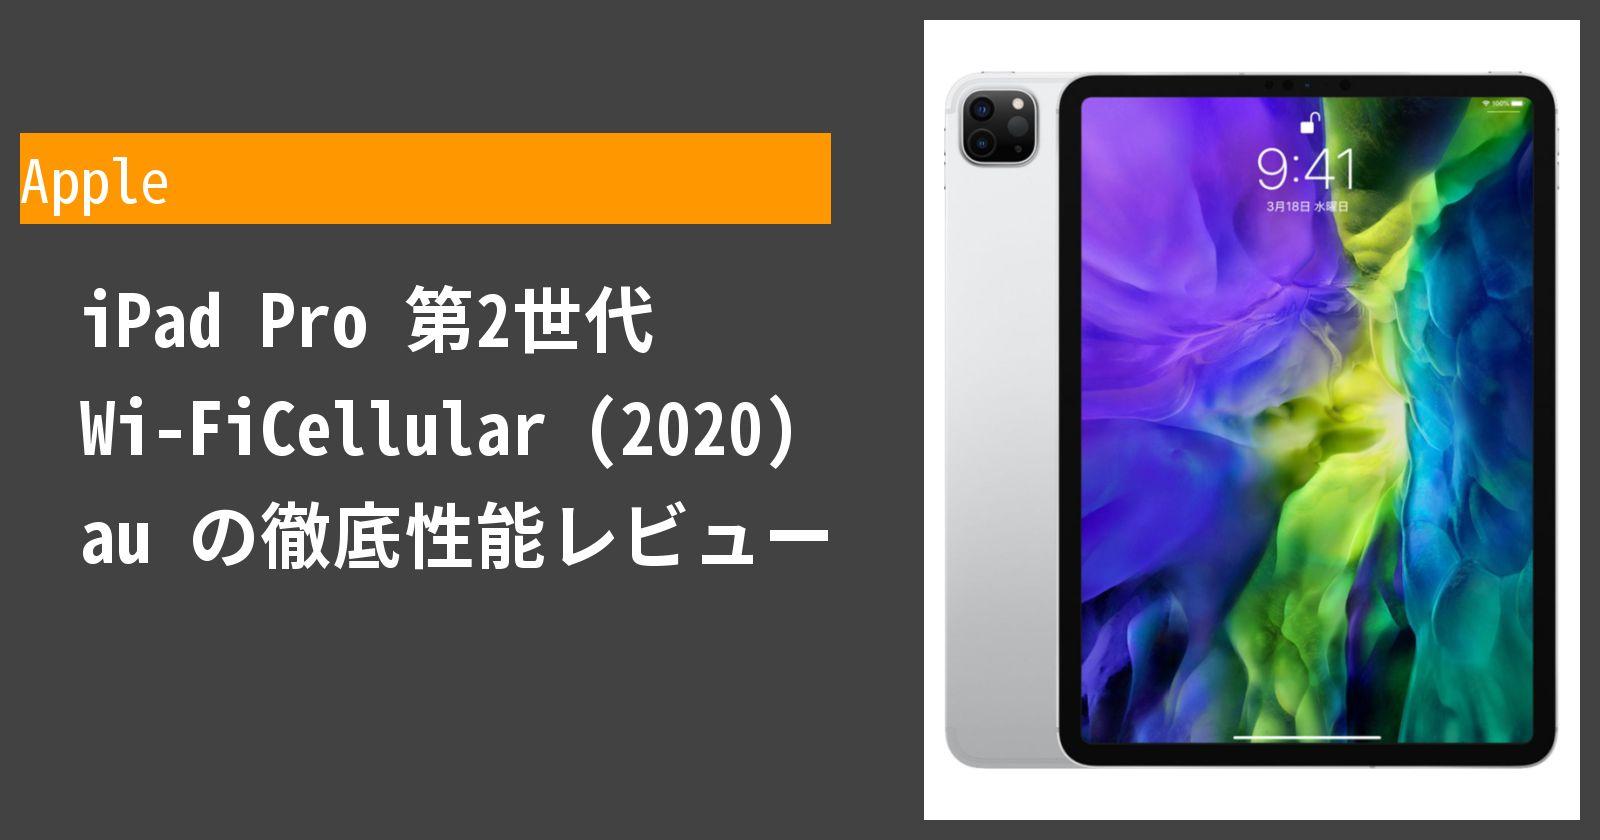 iPad Pro 第2世代 Wi-FiCellular (2020) au の徹底性能レビュー